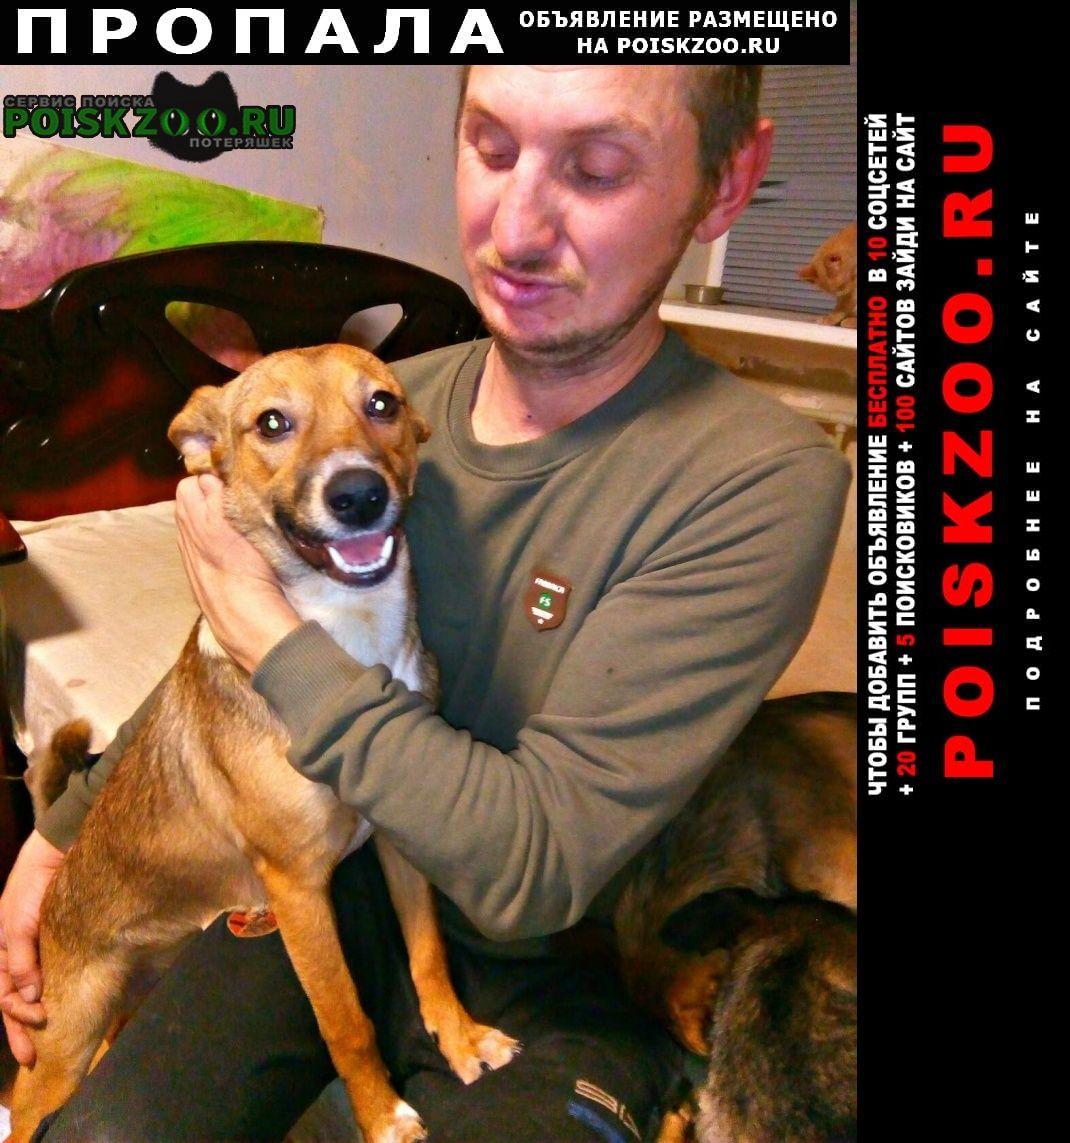 Волгоград Пропала собака кобель домашняя дворняжка